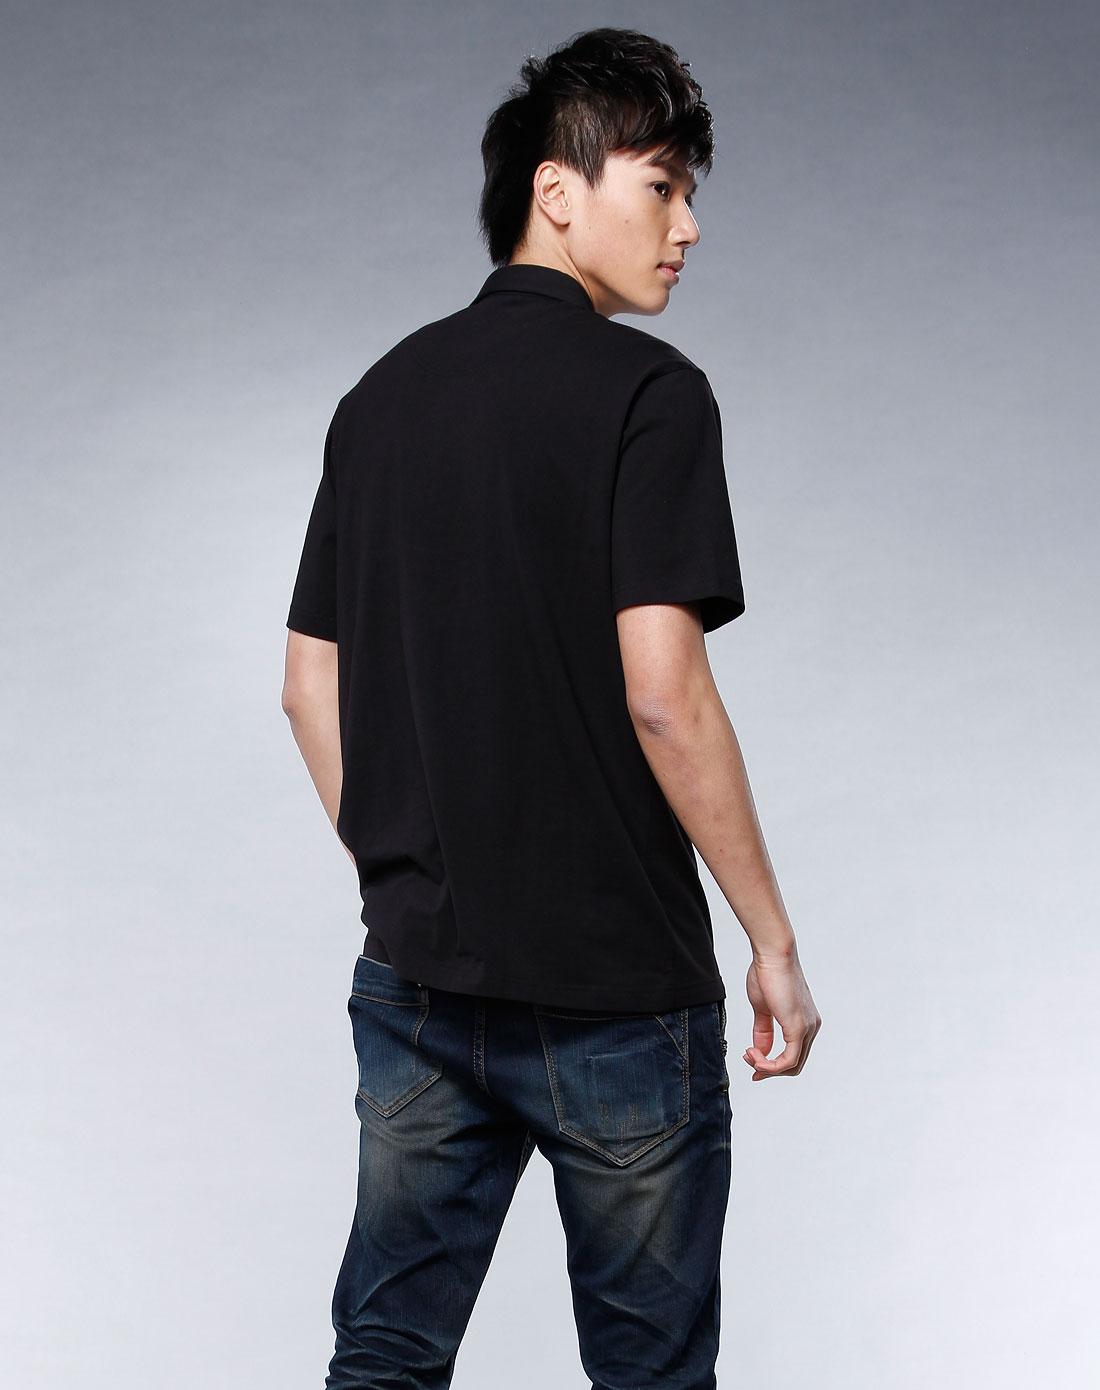 黑色翻领短袖t恤